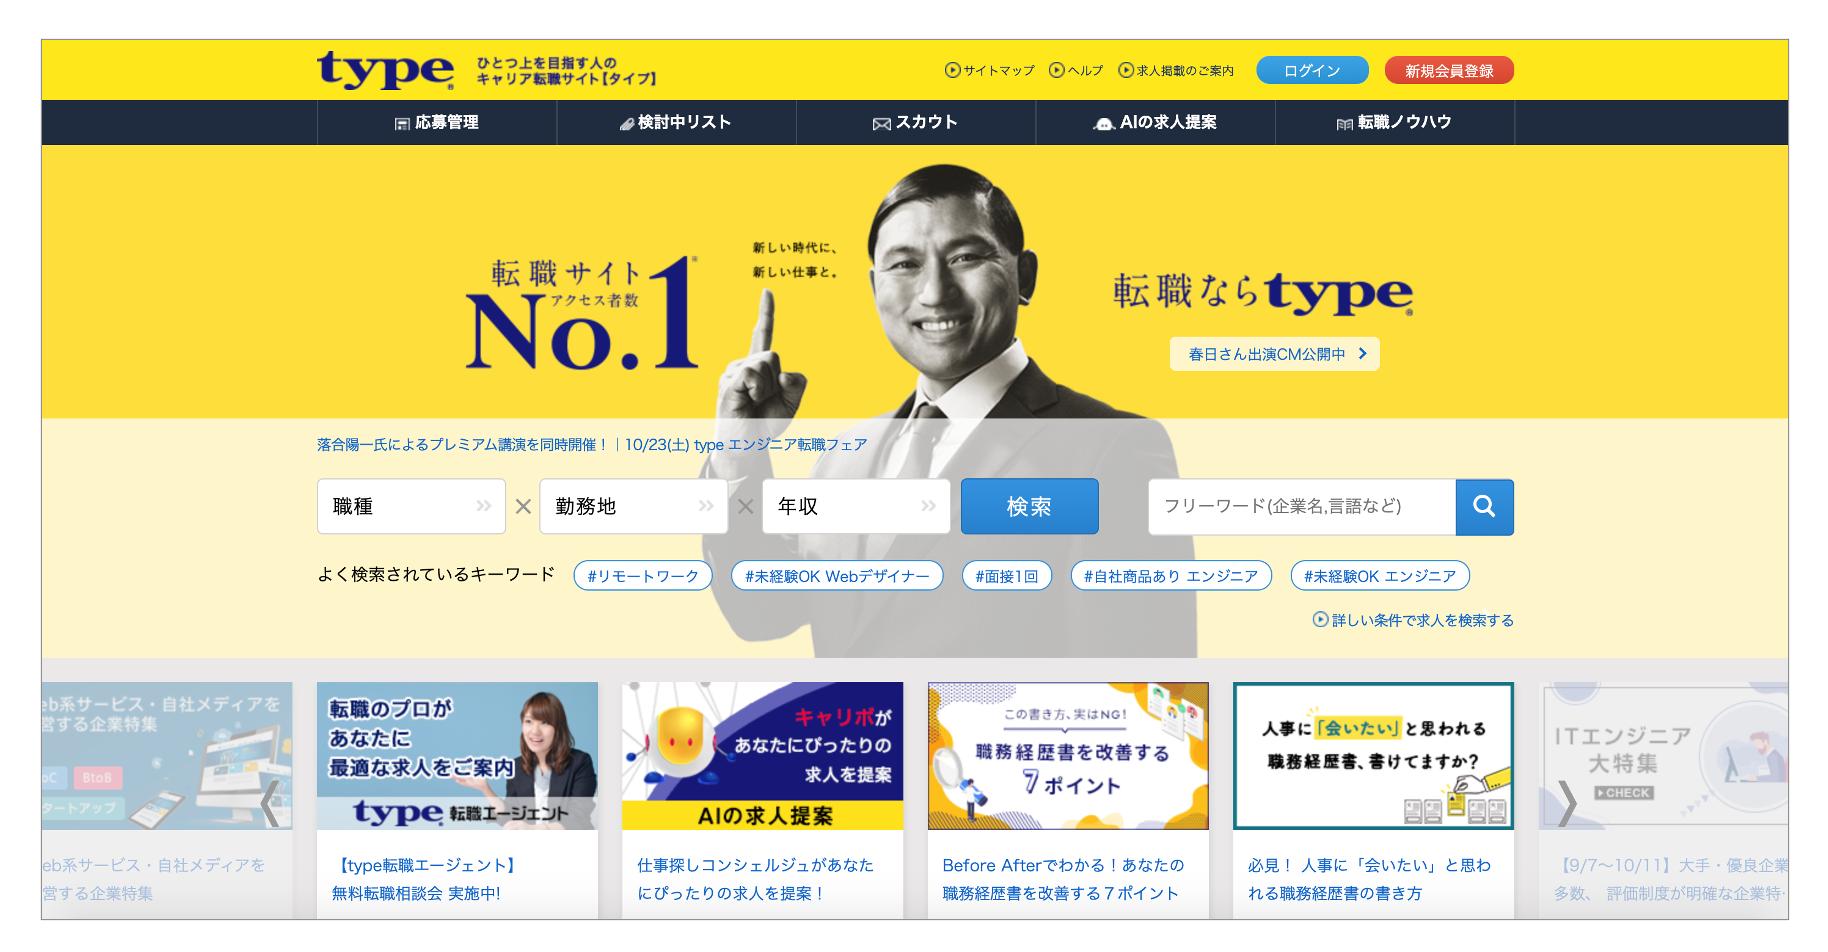 おすすめの転職サイト「type」